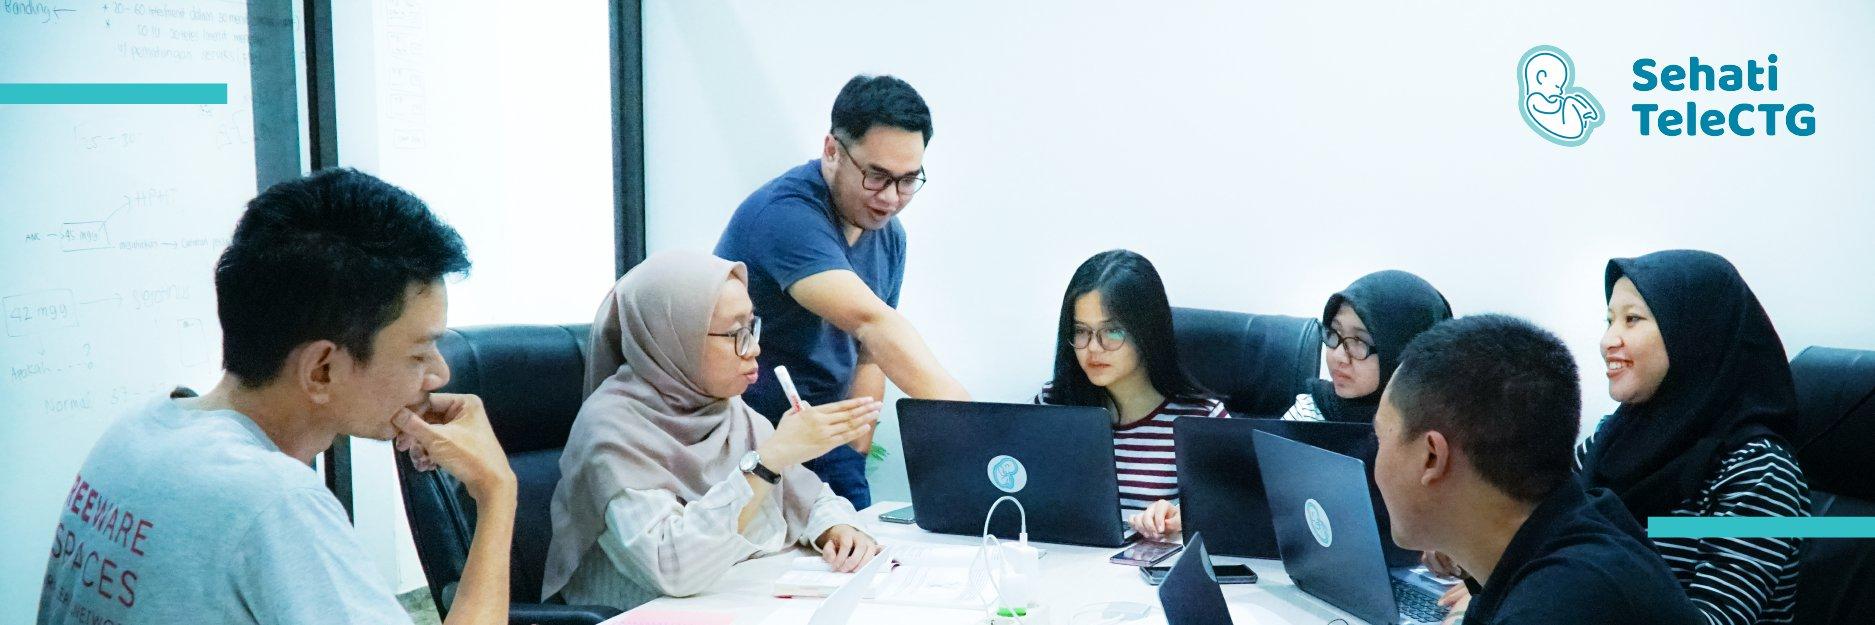 Zetta Sehati Nusantara